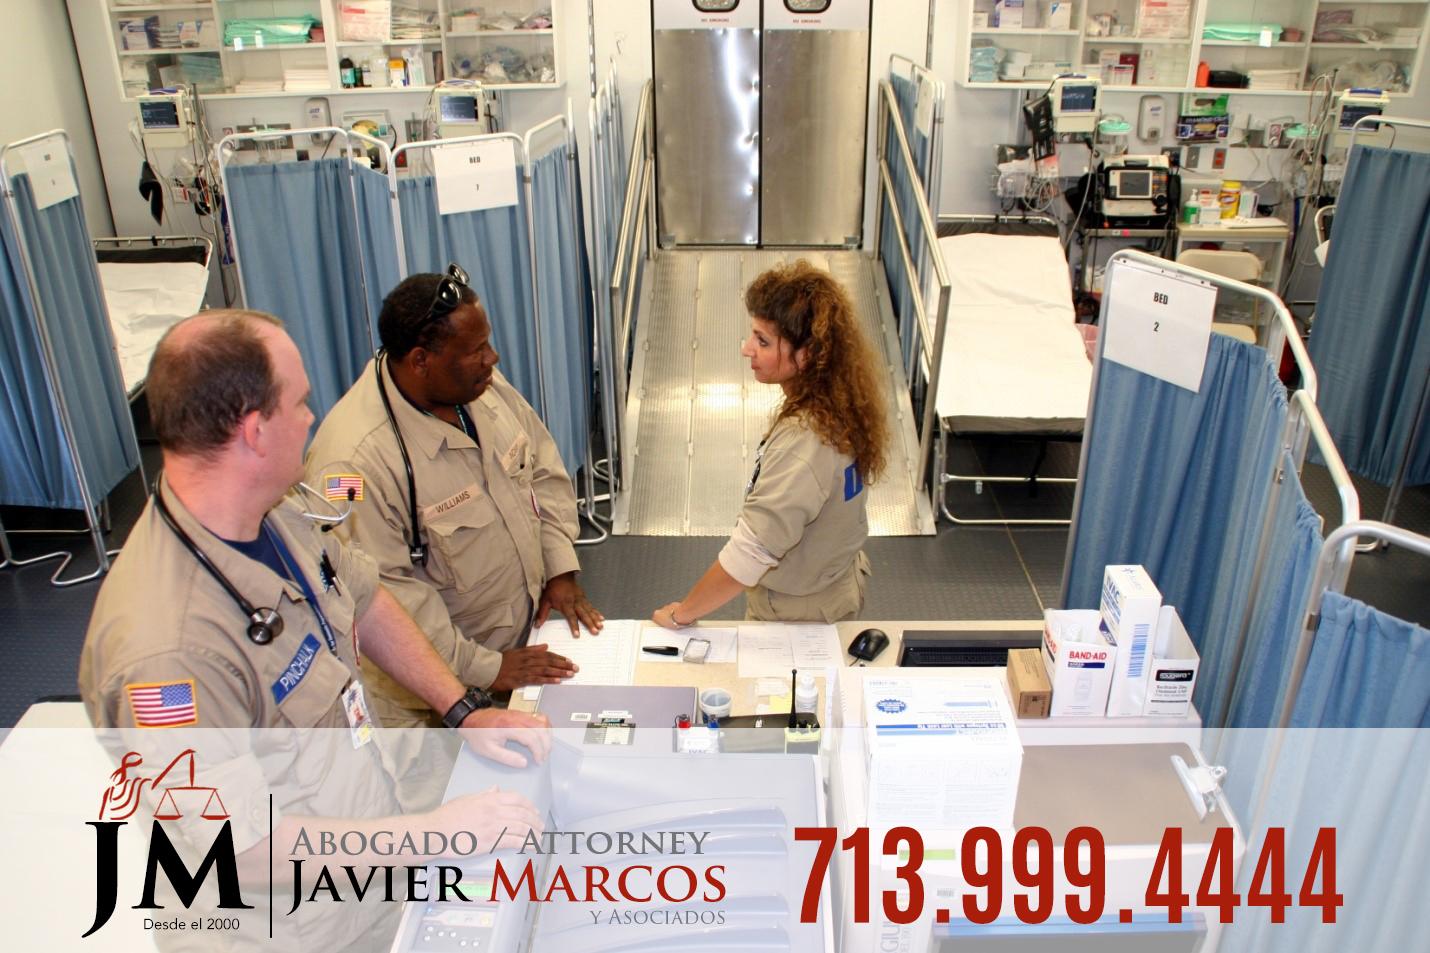 Doctor despues del accidente | Abogado Javier Marcos | 713.999.4444